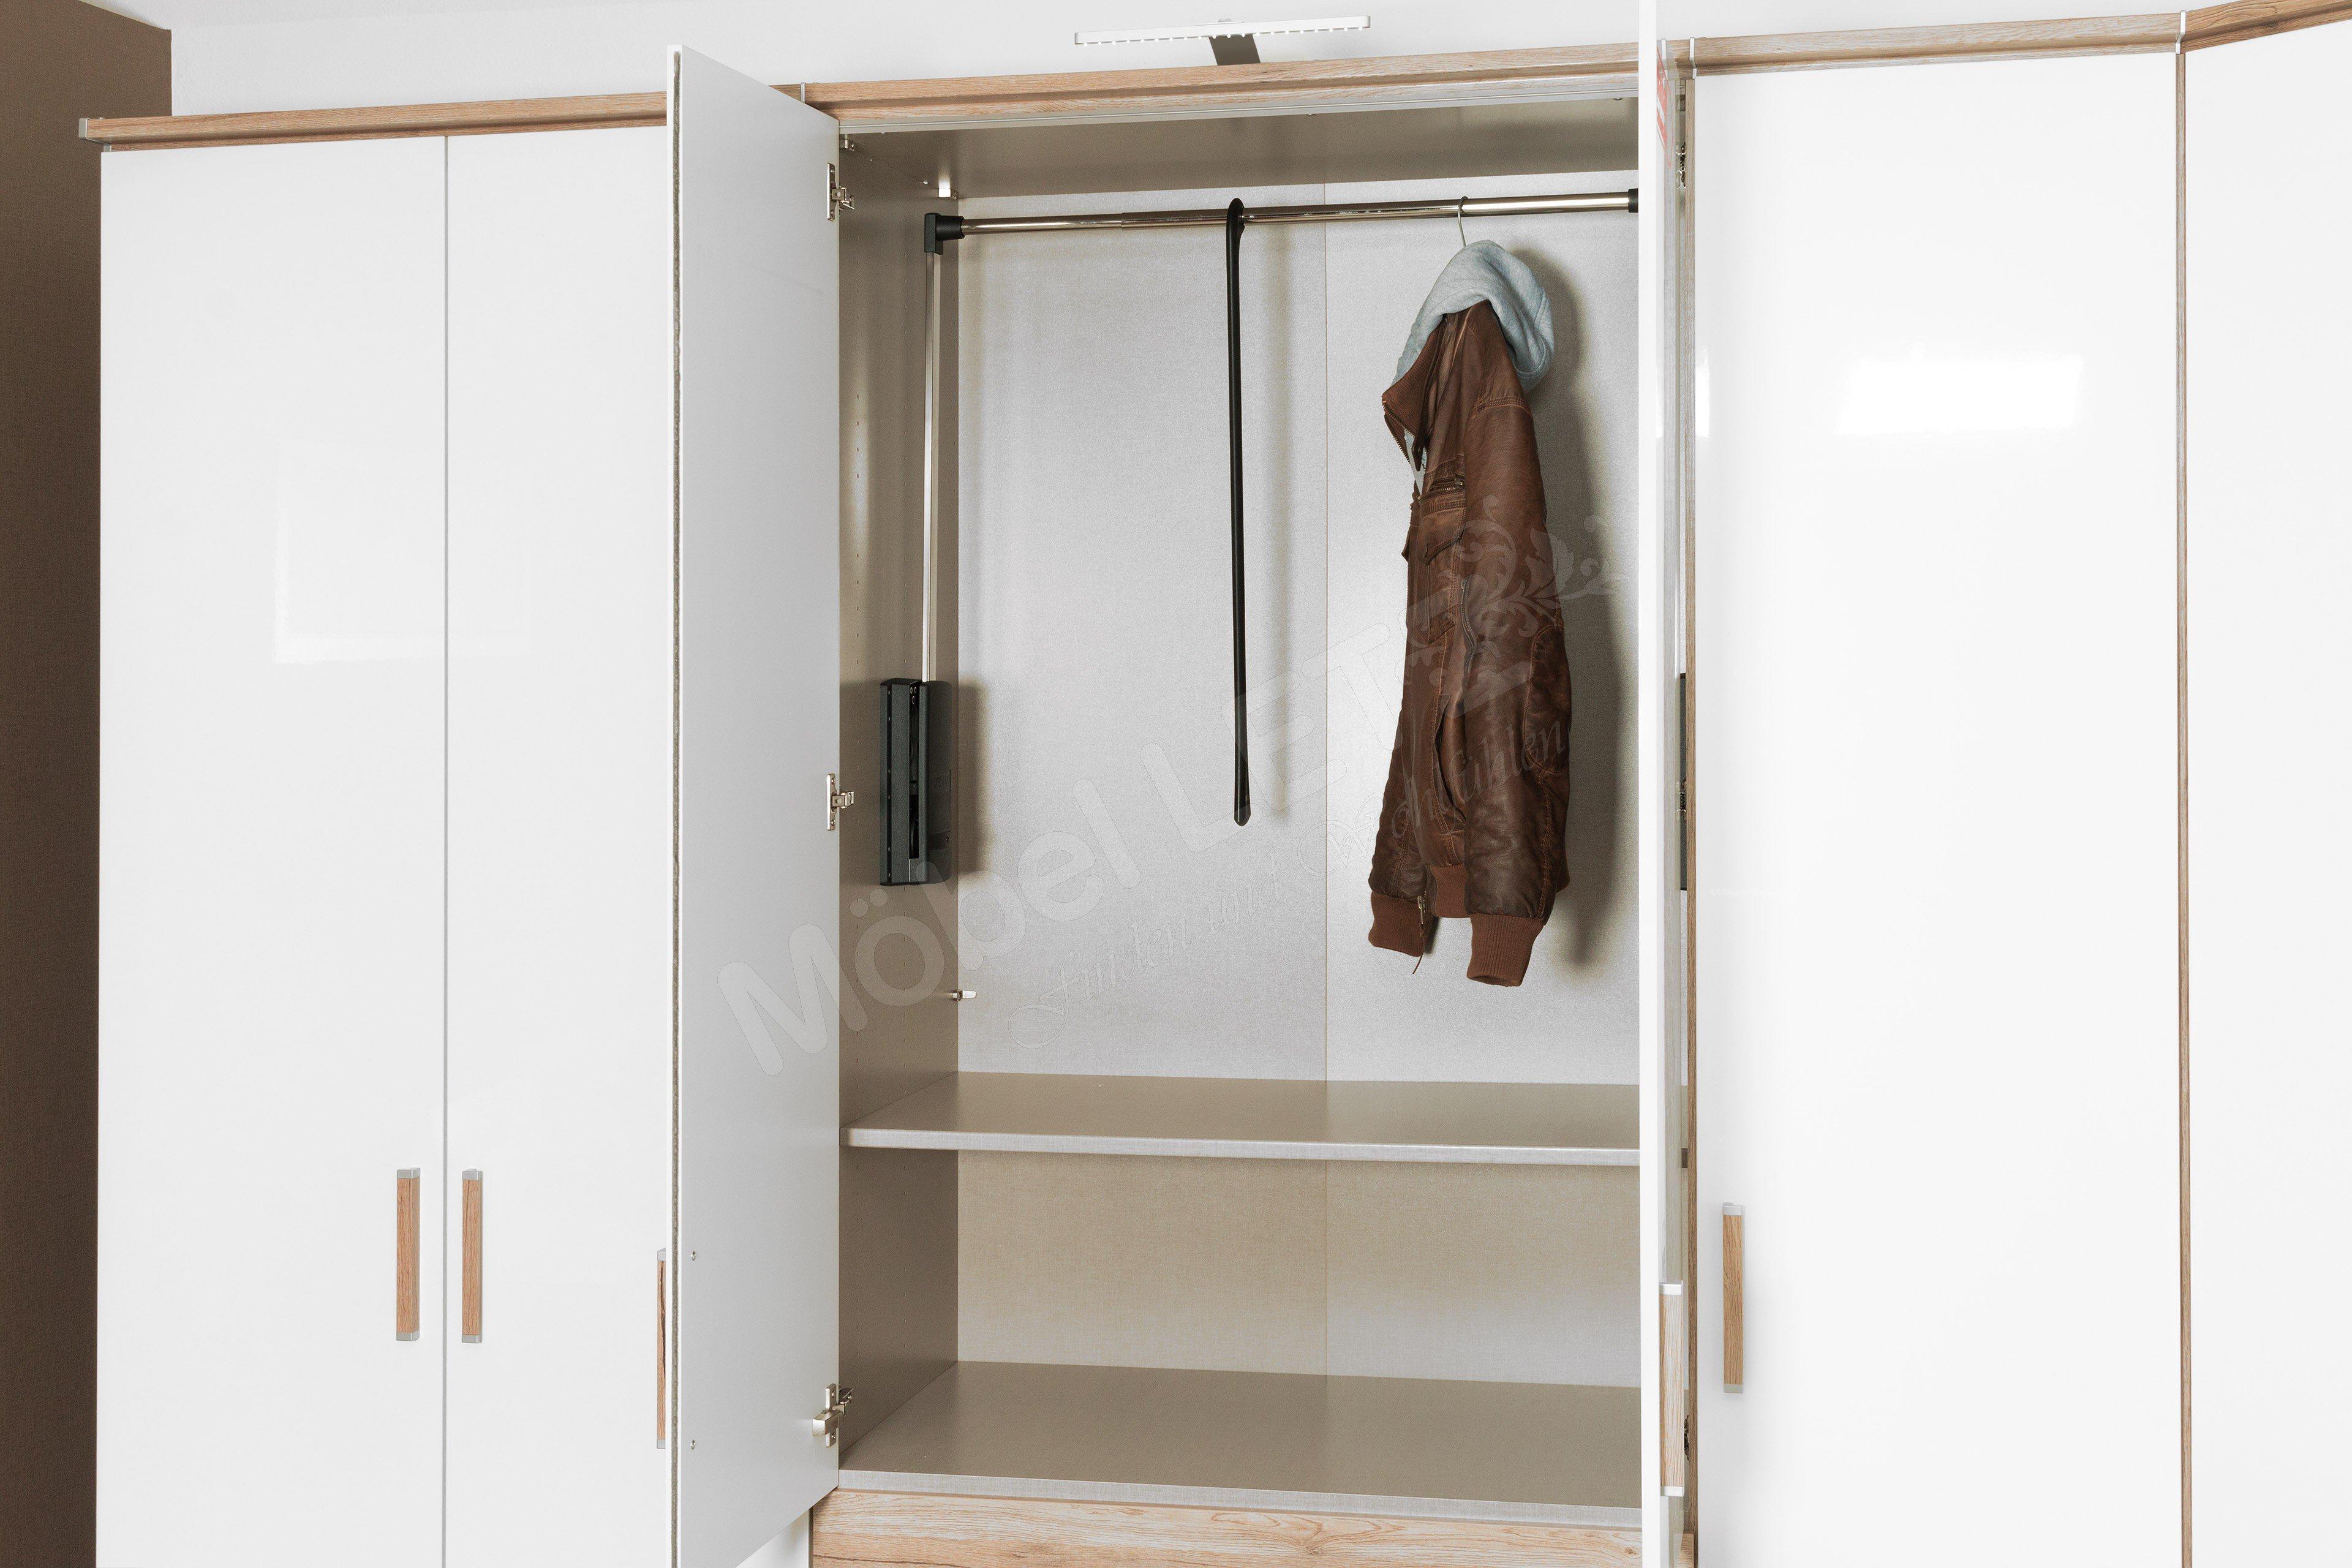 rauch wei latest kraftwerk kuehlturm detail rauch wirtschaft energie with rauch wei latest. Black Bedroom Furniture Sets. Home Design Ideas